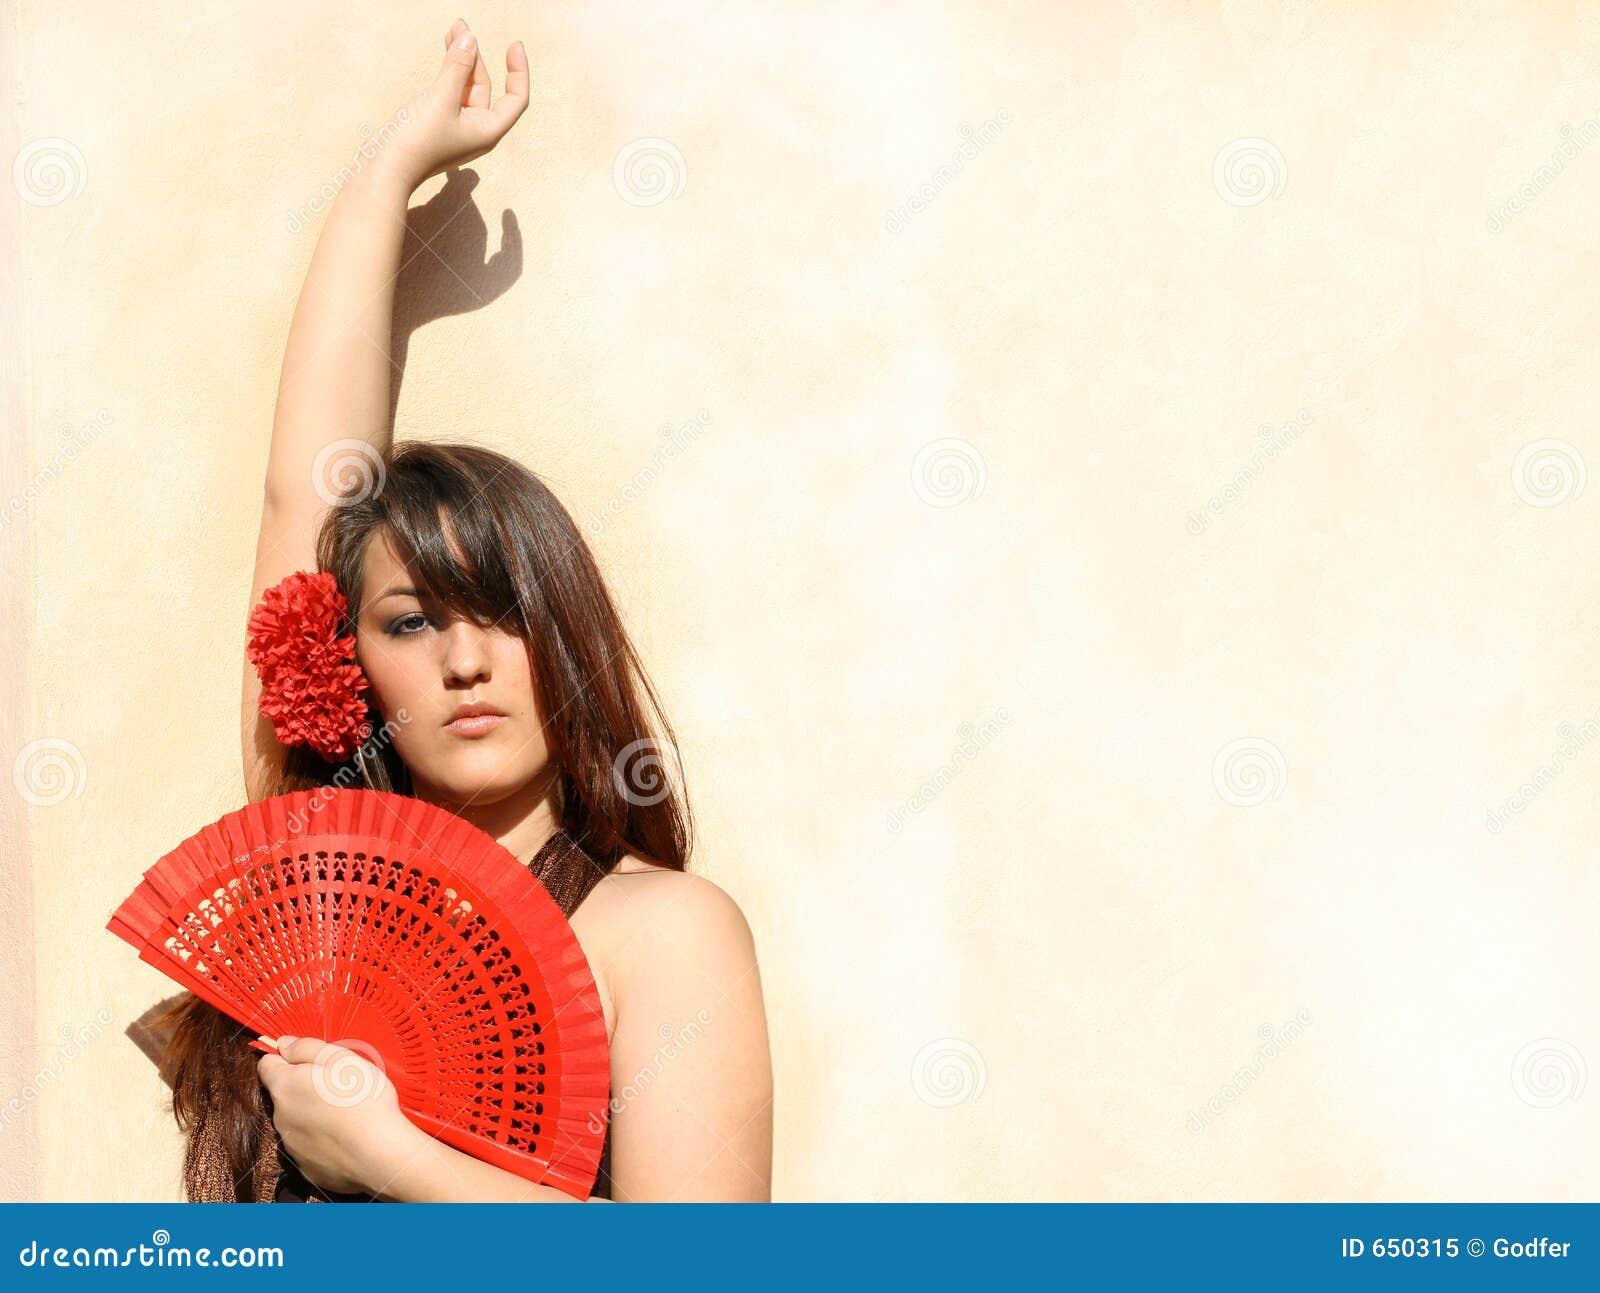 Dansareflamencospain spanjor